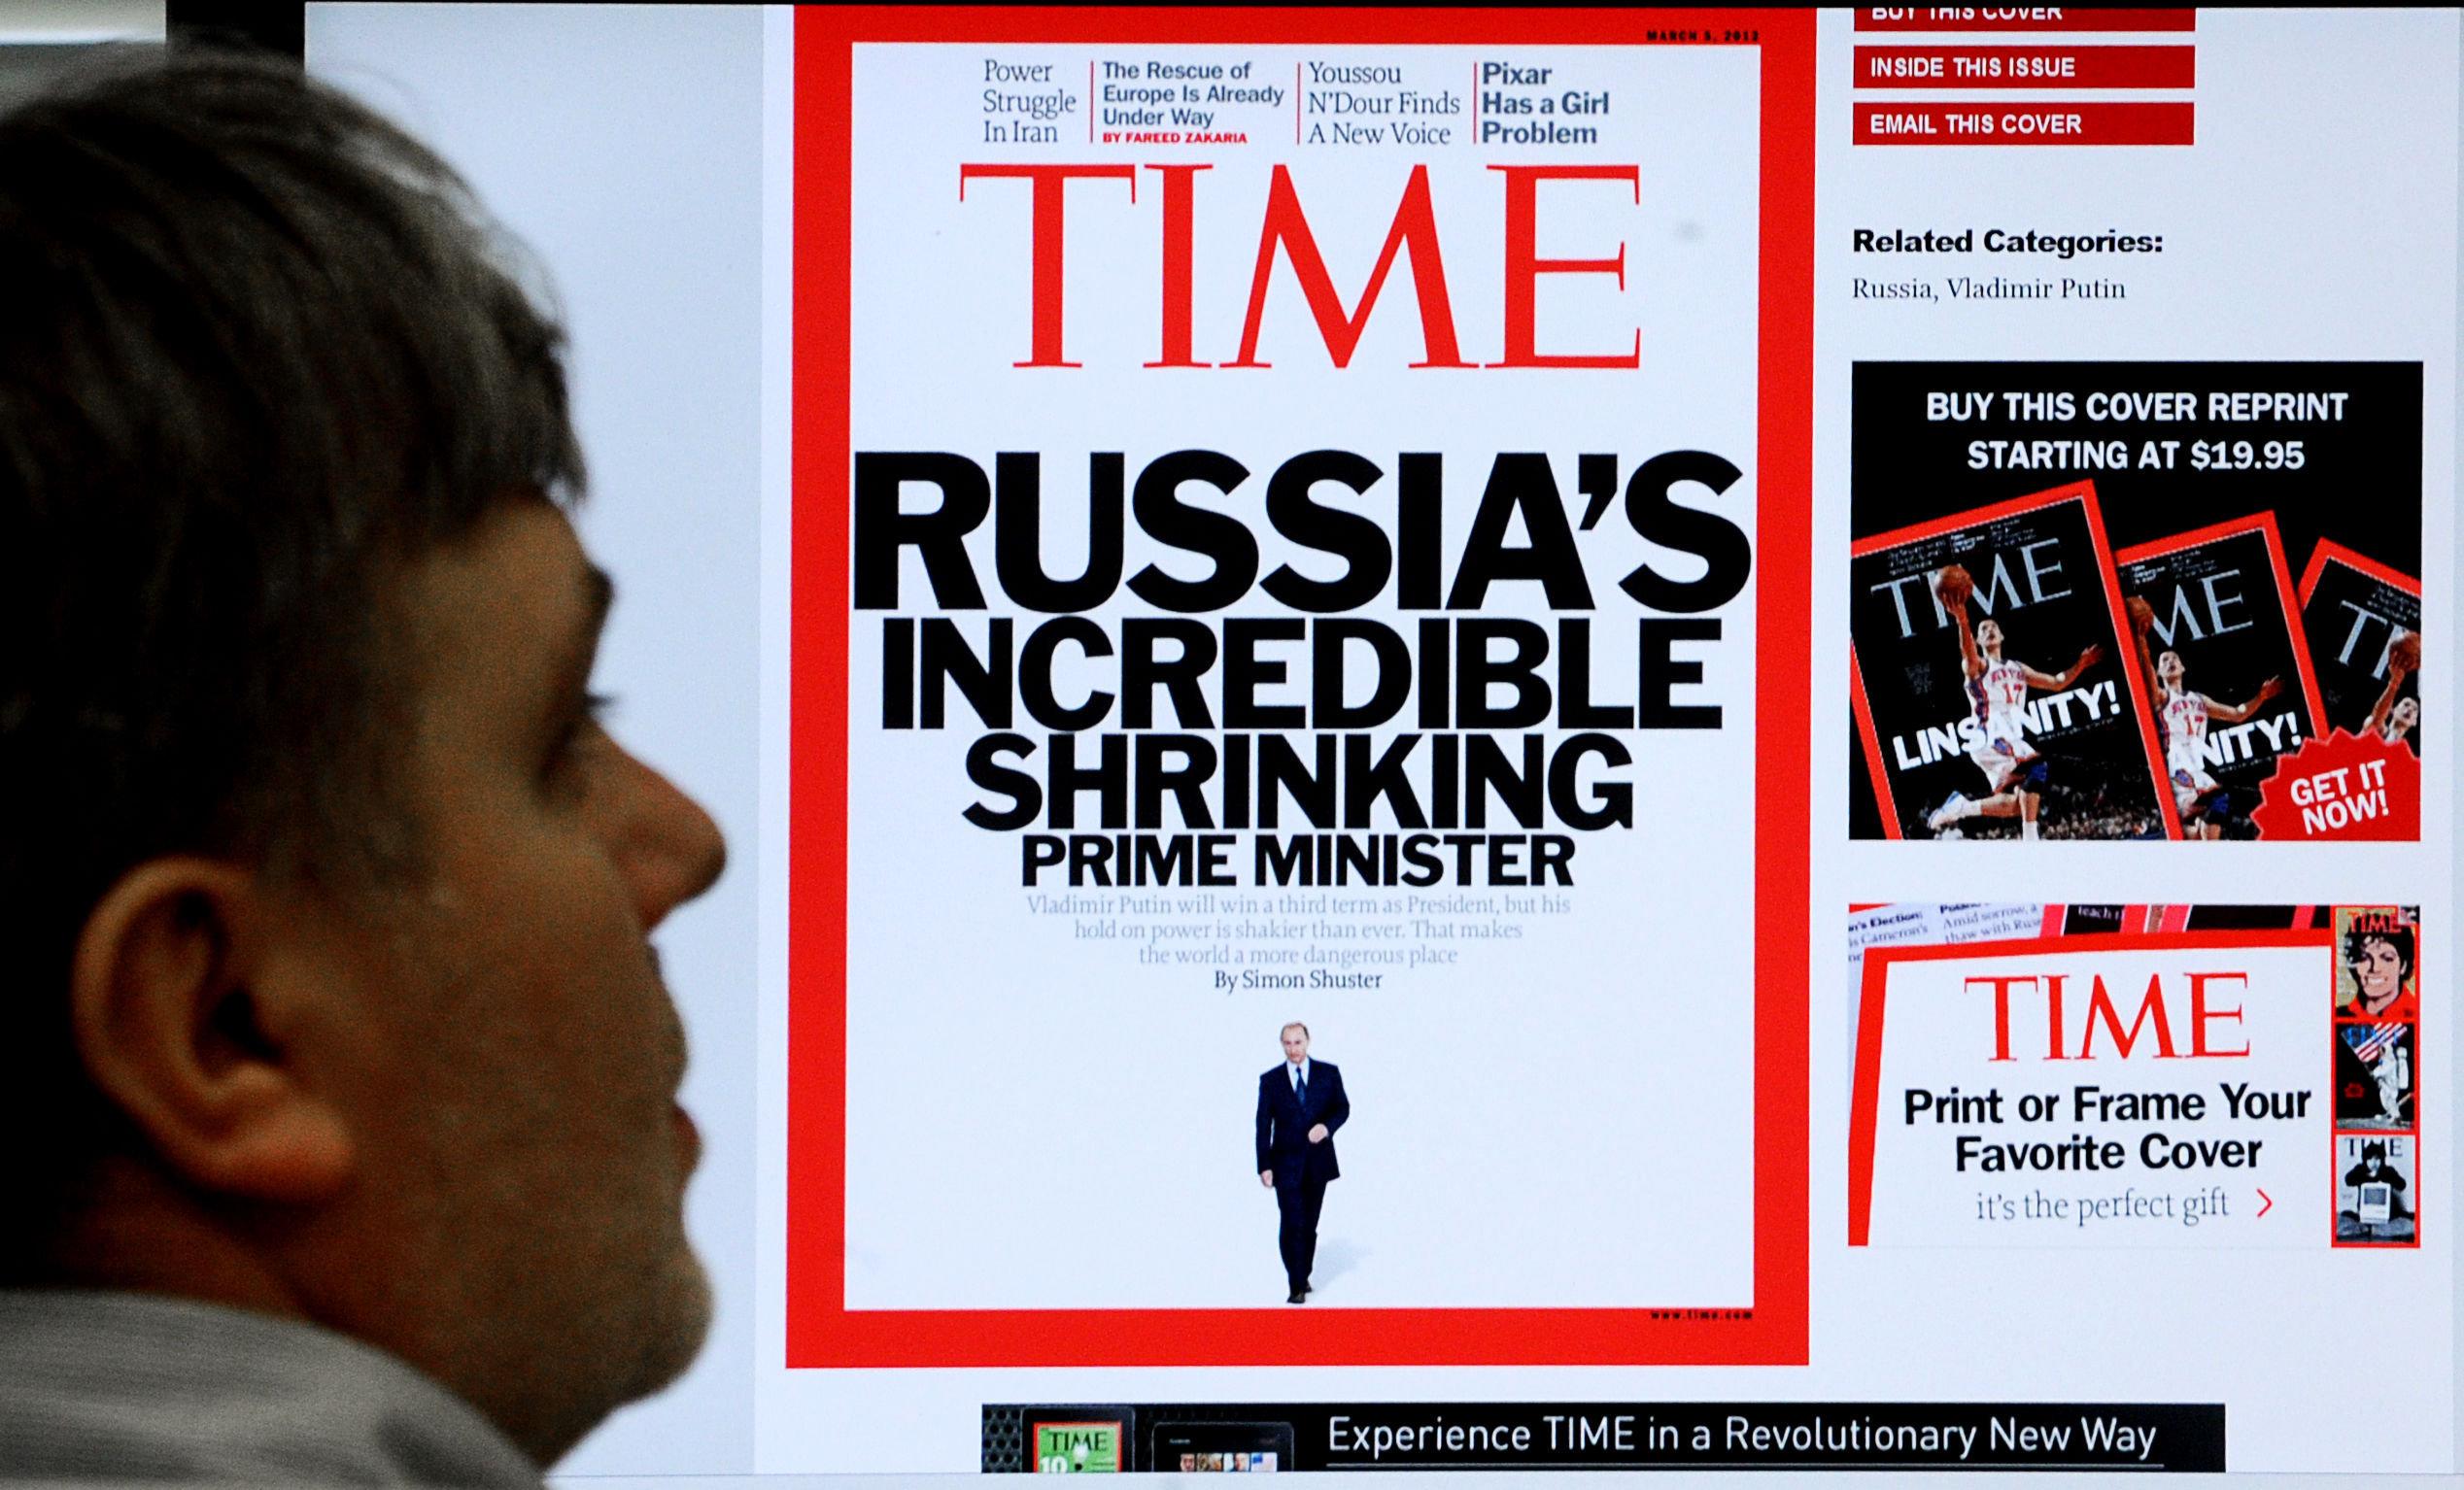 Un hombre examinando la portada de la revista estadounidense Time